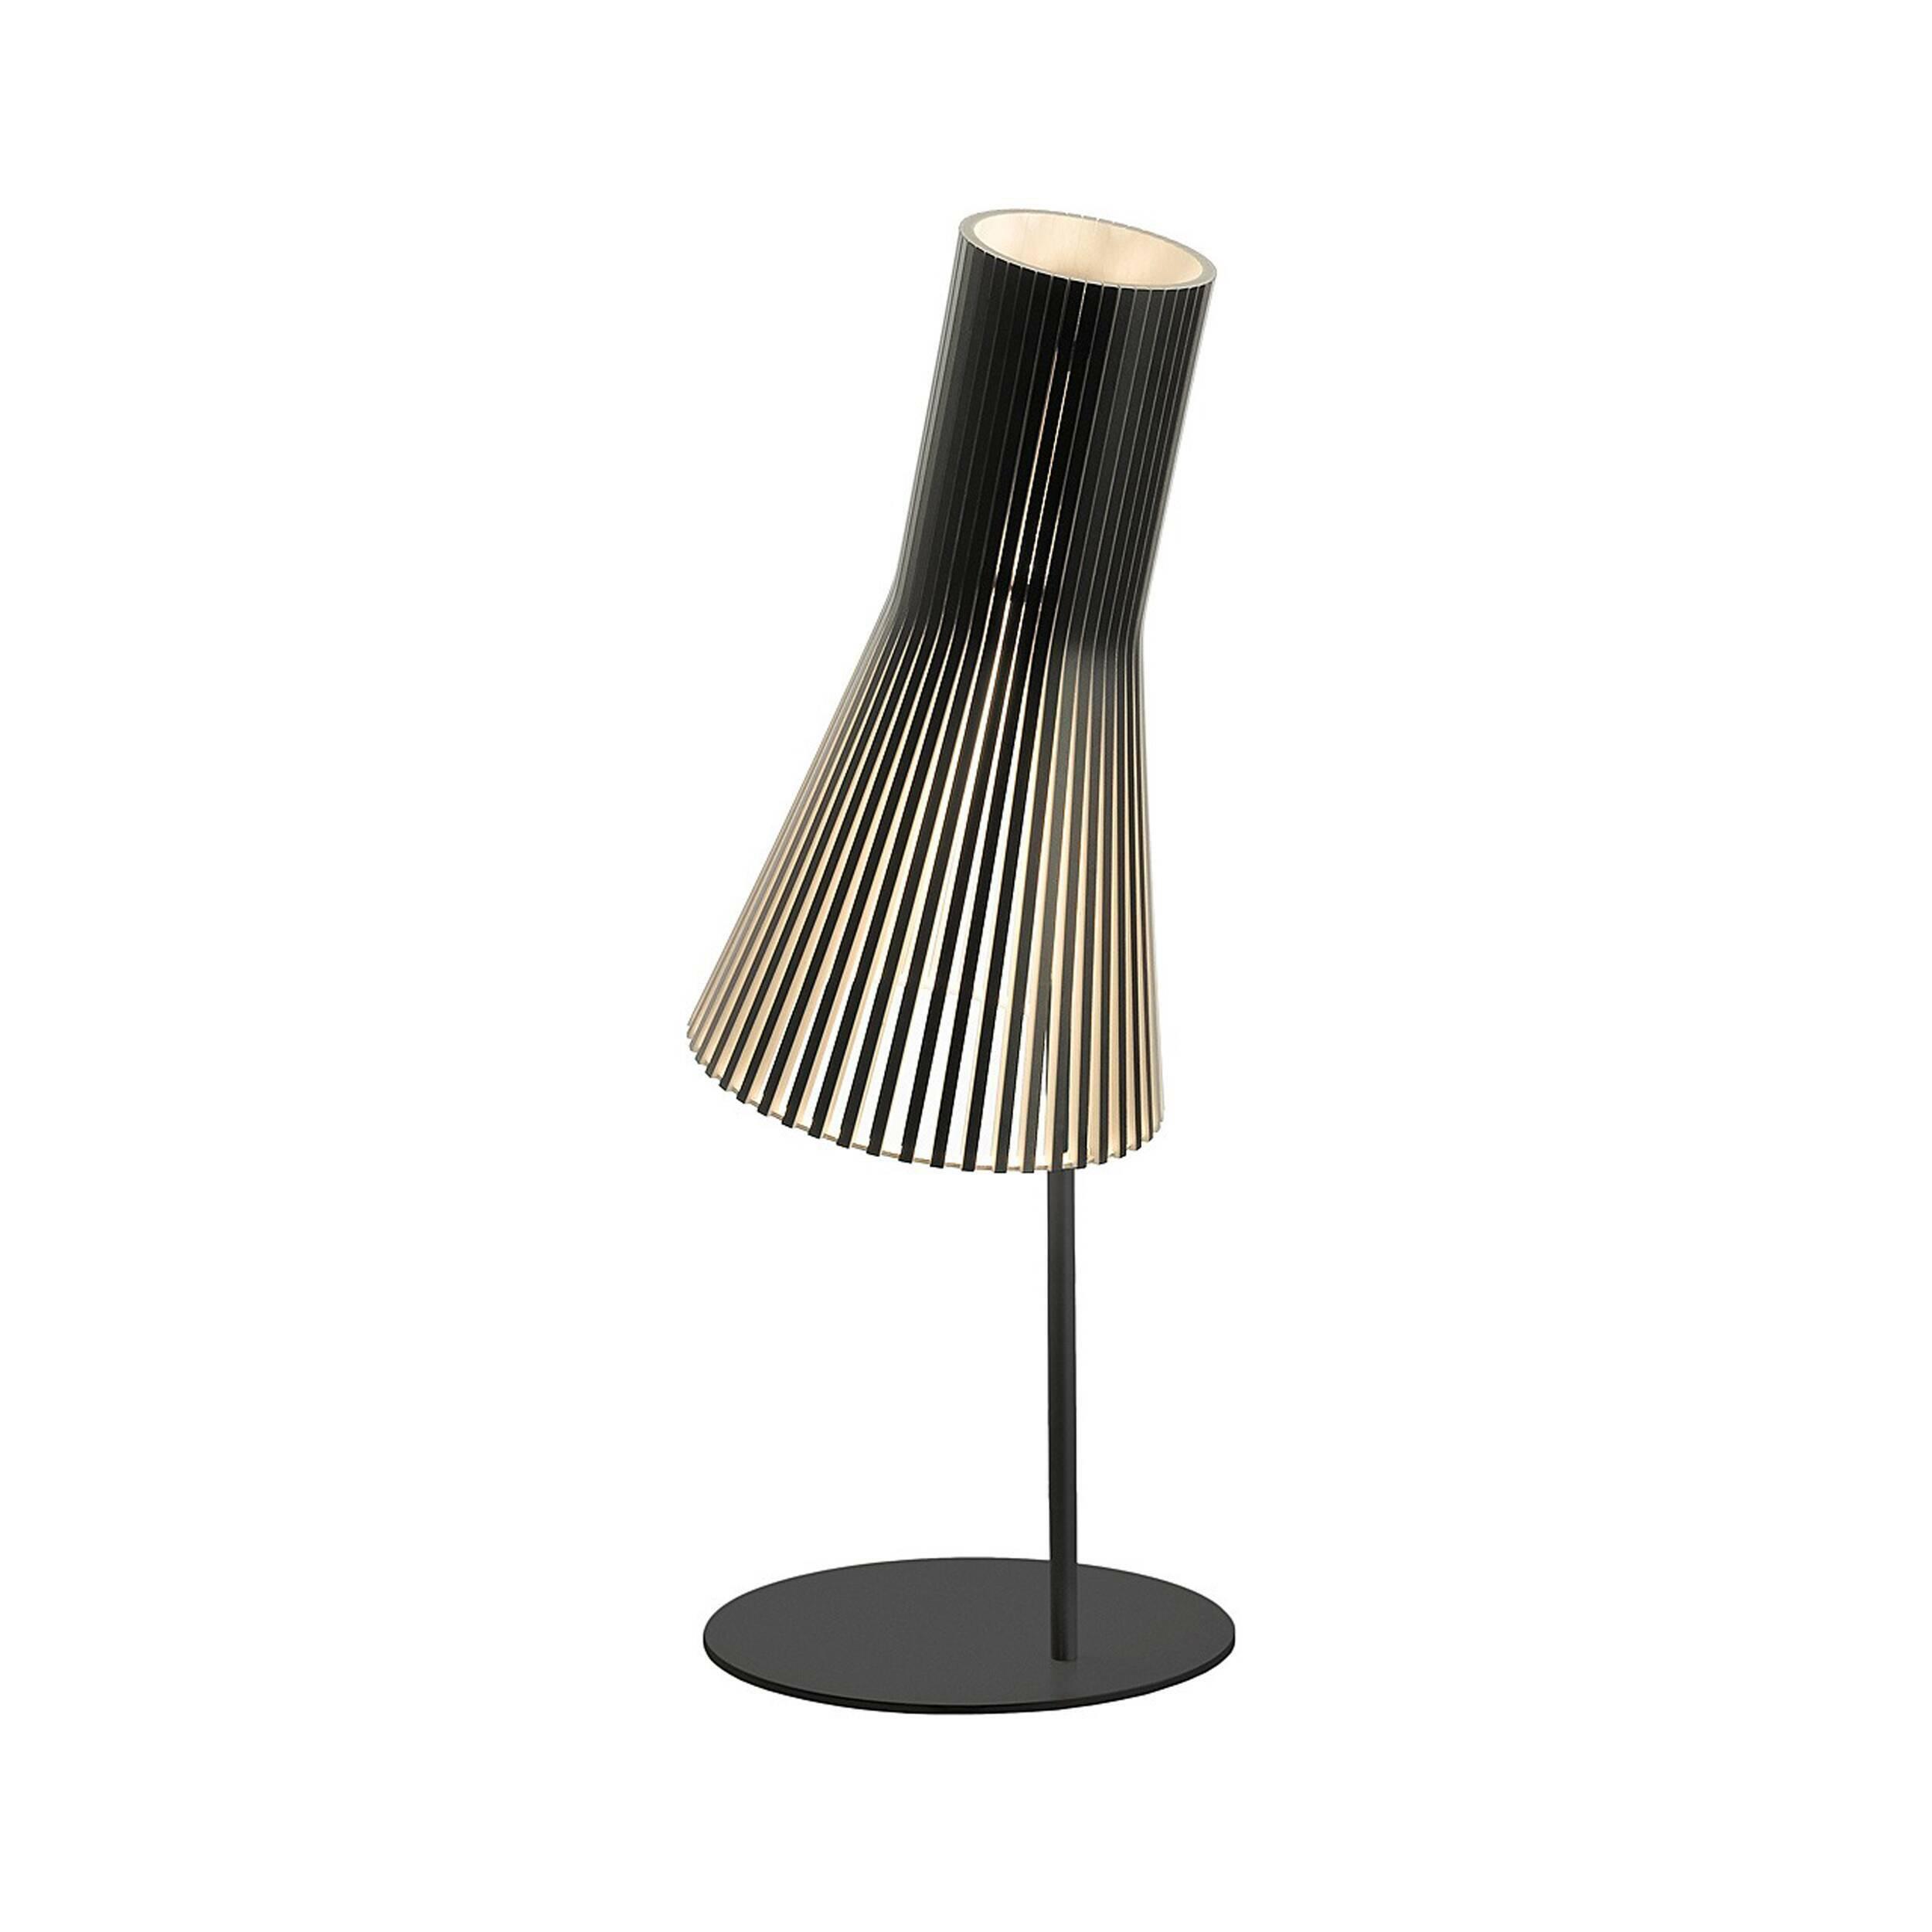 Настольный светильник Secto 4220Настольные<br>Дизайнерский настольный светильник Secto (Секто) с абажуром из березы на узкой ножке от Secto Design (Секто Дизайн).<br><br>Настольный светильник Secto 4220 производства компании Secto Design изготавливается вручную высококвалифицированными специалистами. Материалом для производства настольных светильников Secto 4220 является натуральная береза. Светильники обладают простотой и четкостью скандинавского стиля. Торшеры, подвесные и настенные светильники, а также настольные лампы обеспечивают мягк...<br><br>stock: 0<br>Высота: 75<br>Диаметр: 25<br>Материал абажура: Береза<br>Мощность лампы: 40<br>Ламп в комплекте: Нет<br>Напряжение: 220<br>Теплота света: 3000<br>Тип лампы/цоколь: E27<br>Цвет абажура: Черный